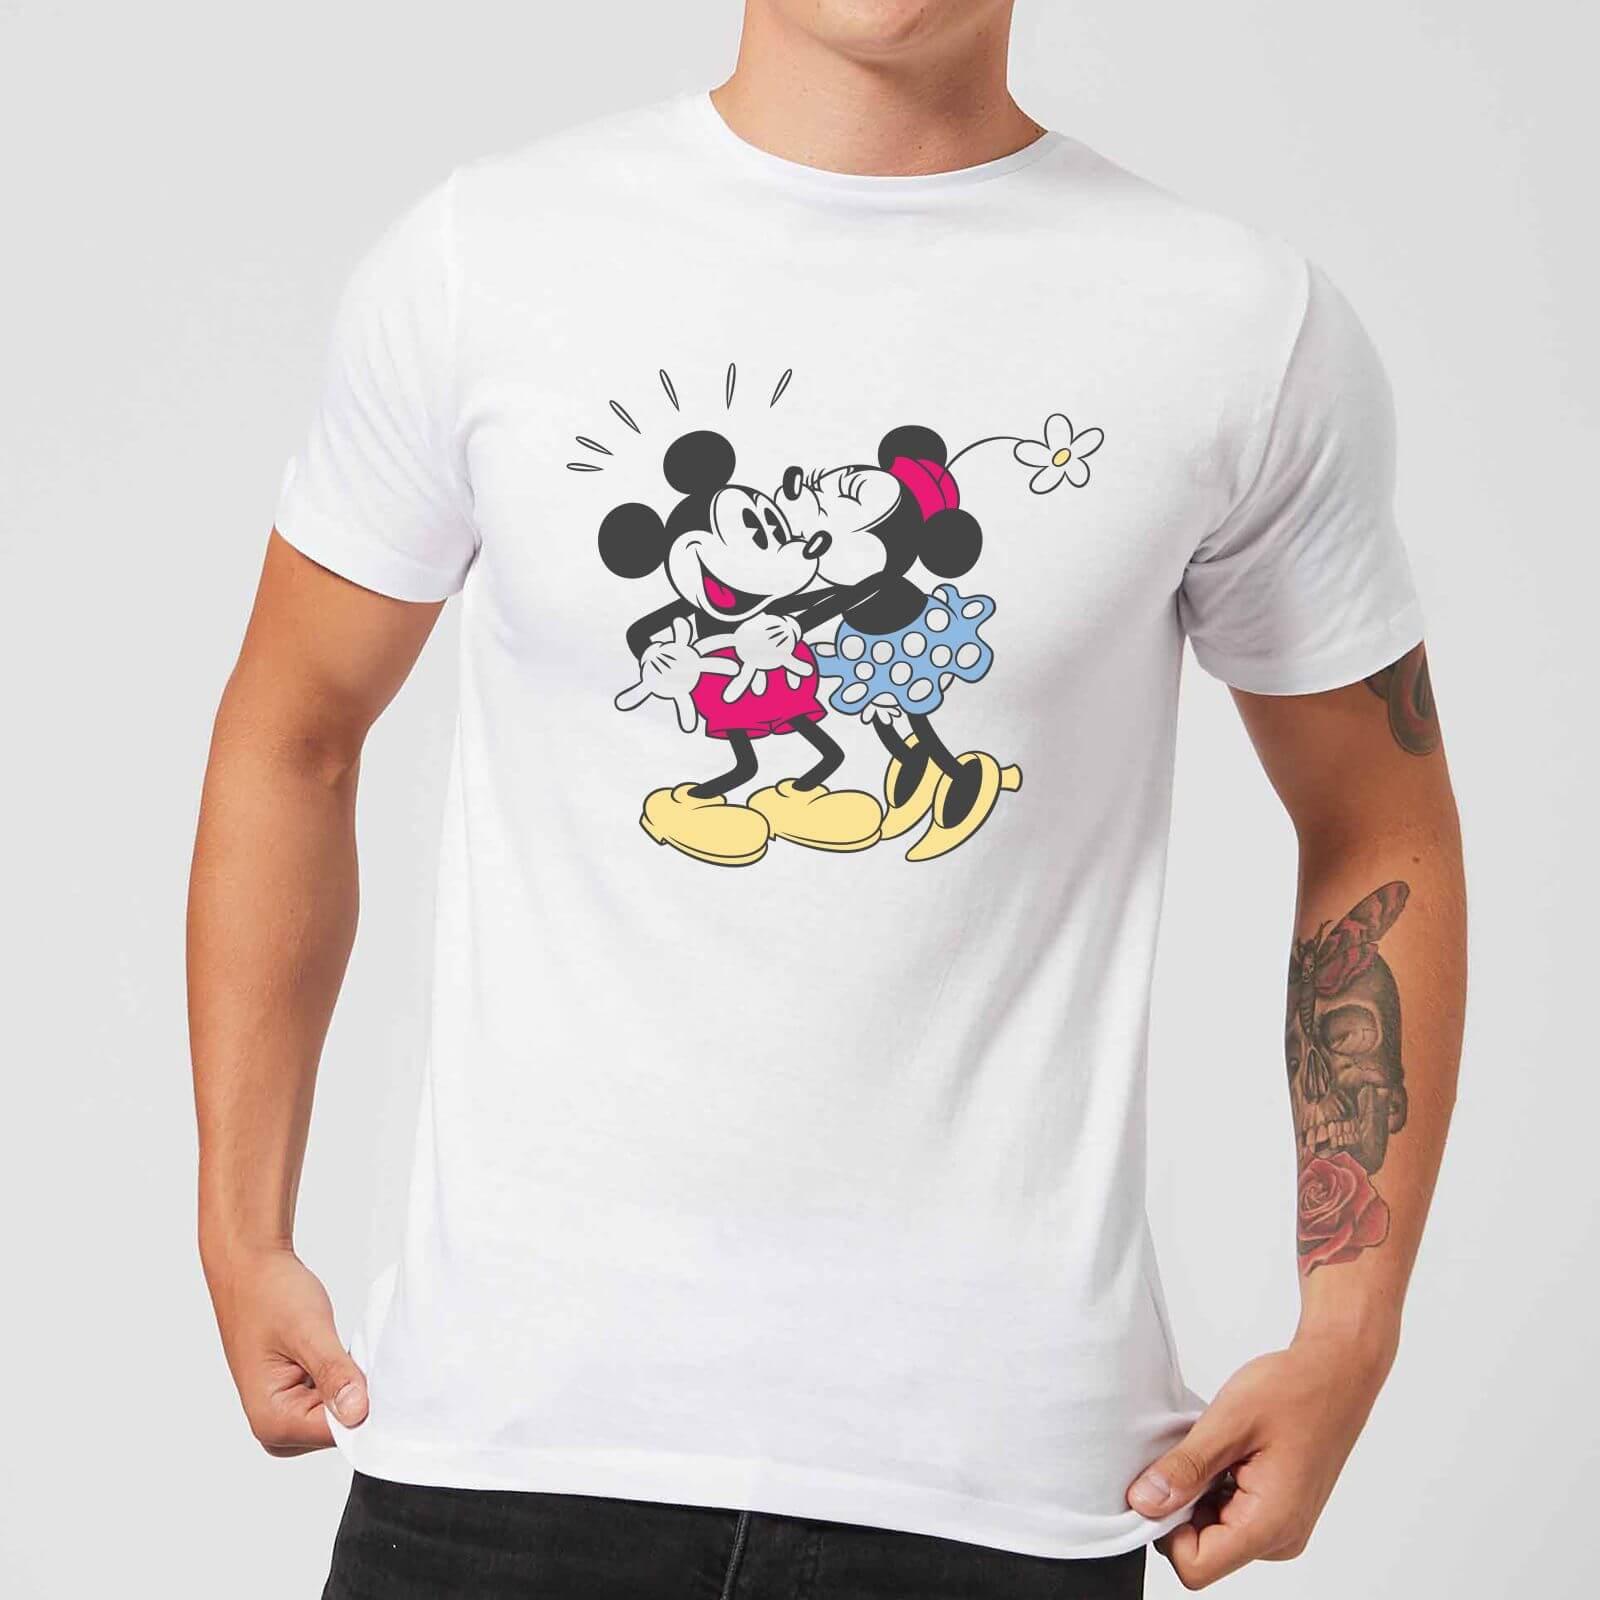 Disney Disney Mickey Mouse Minnie Kiss T-Shirt - White - 3XL - White